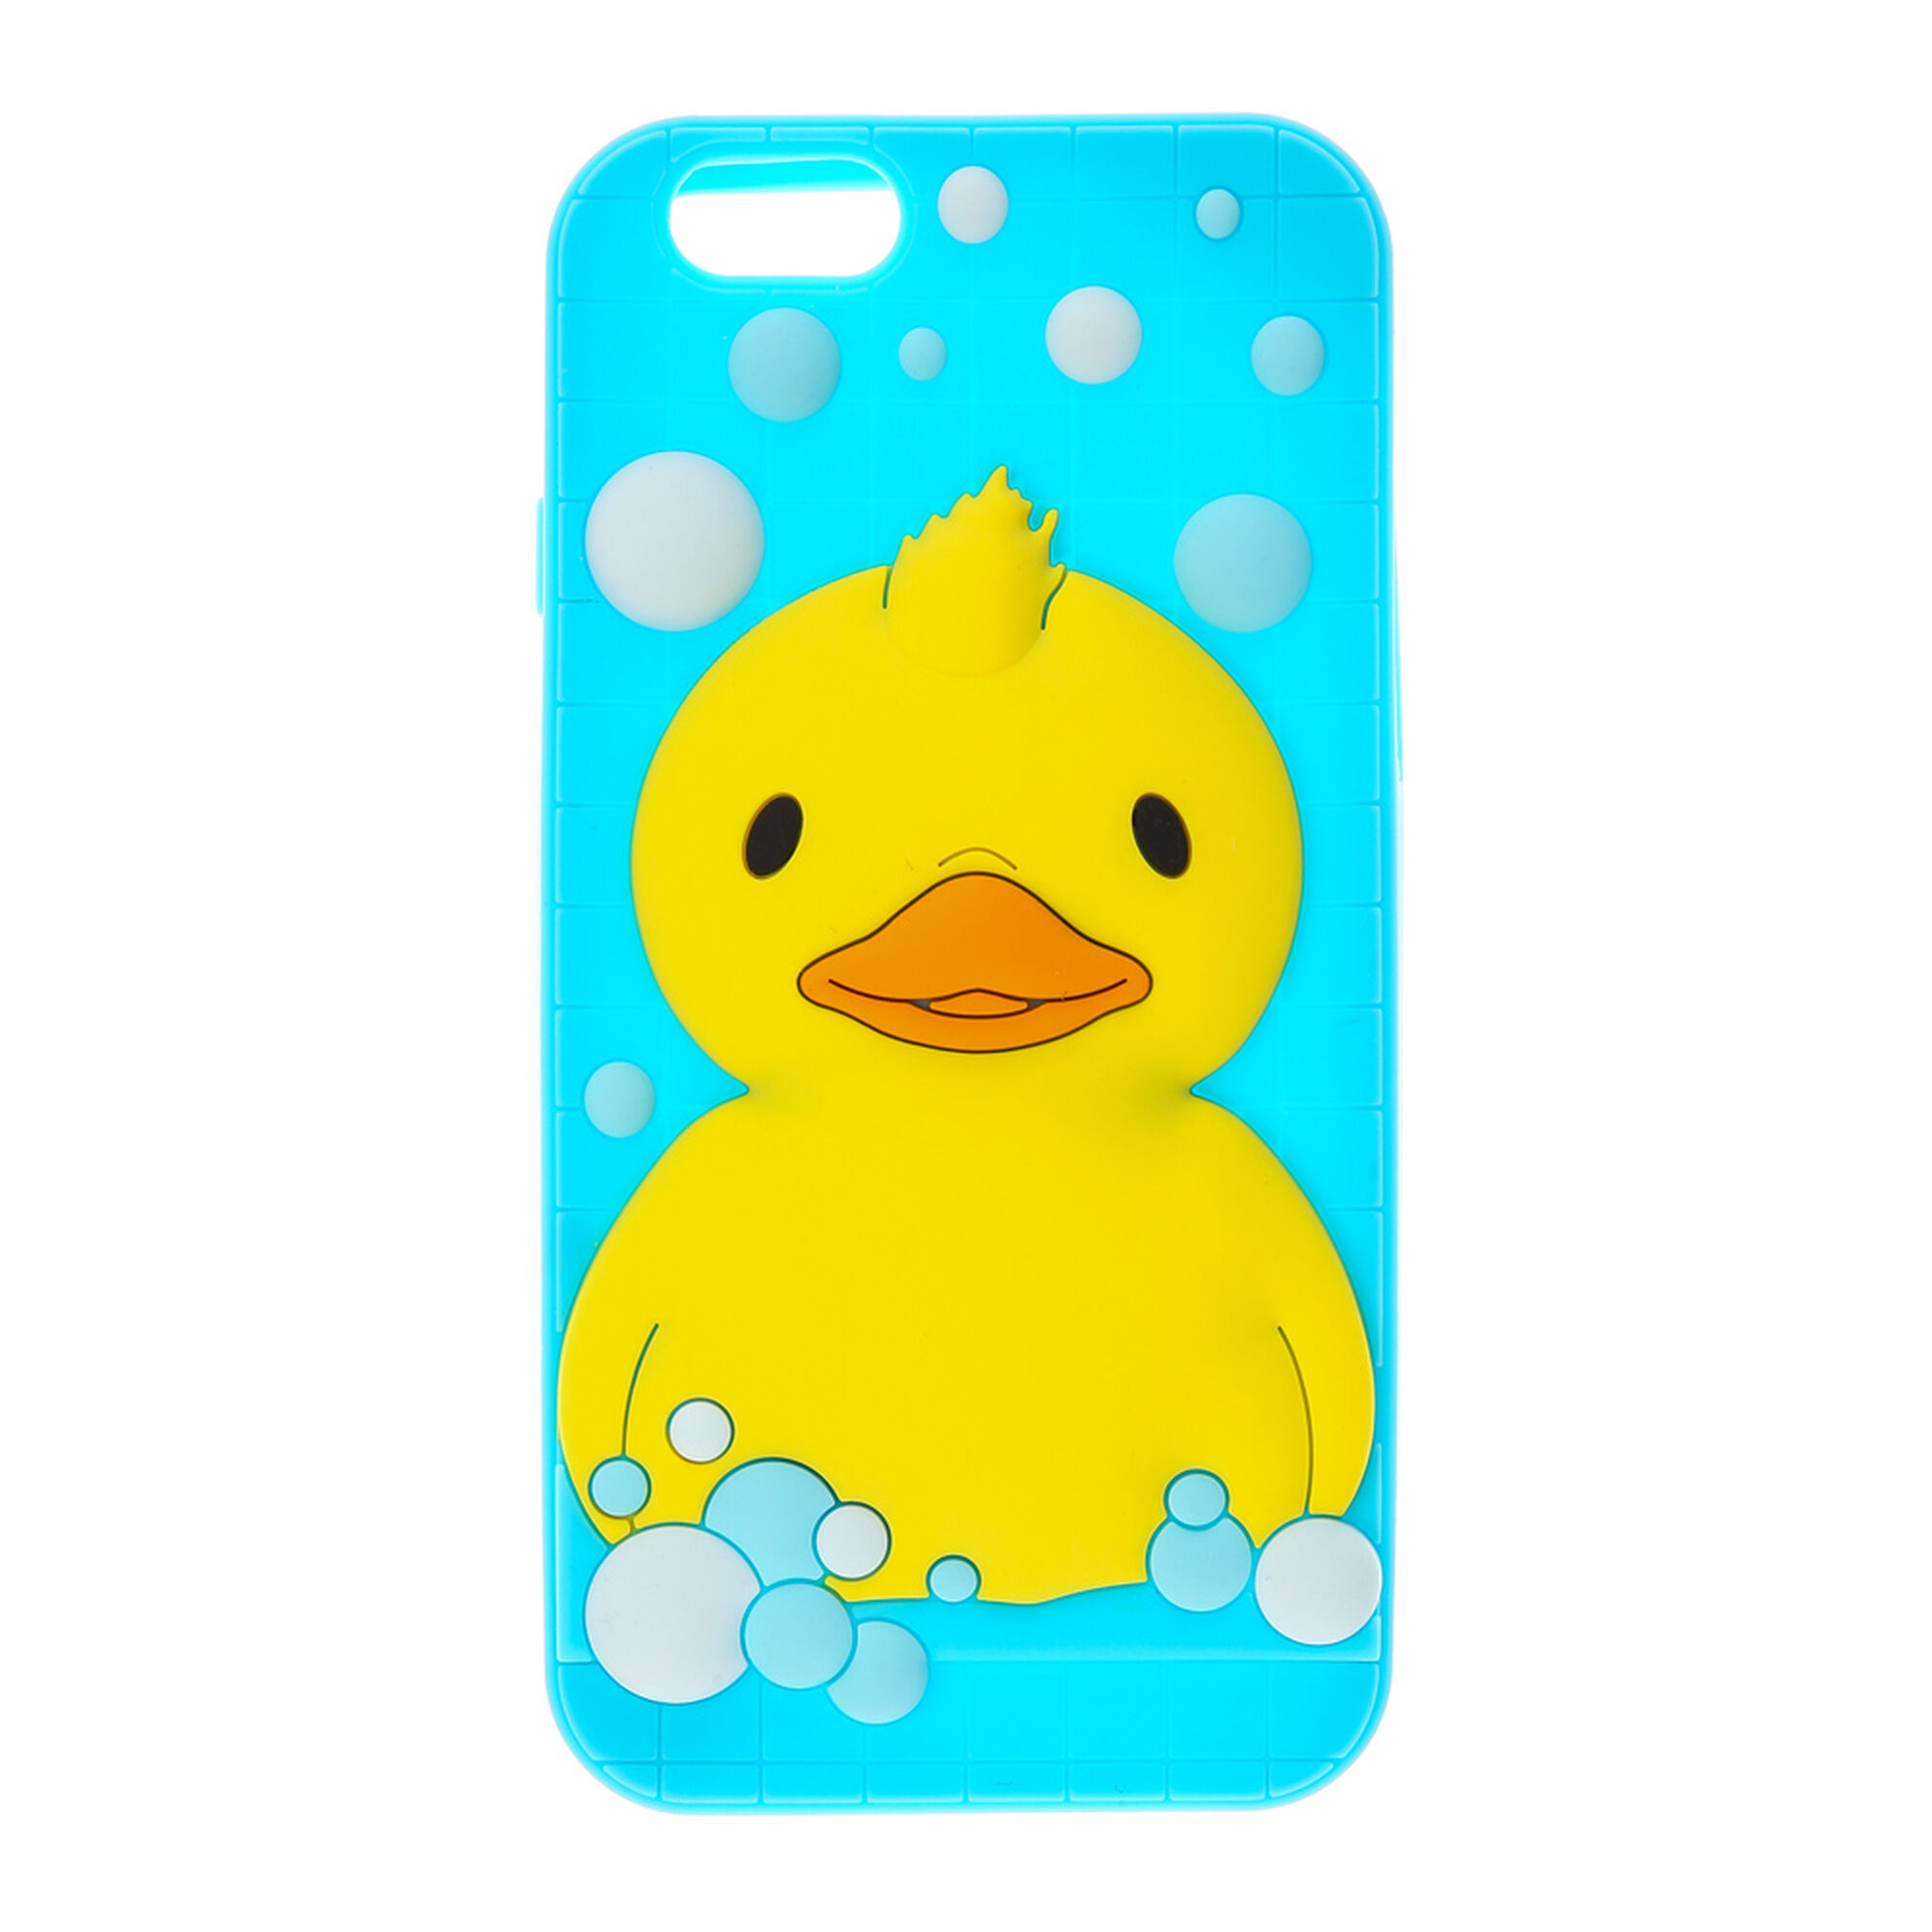 Dating site quack quack